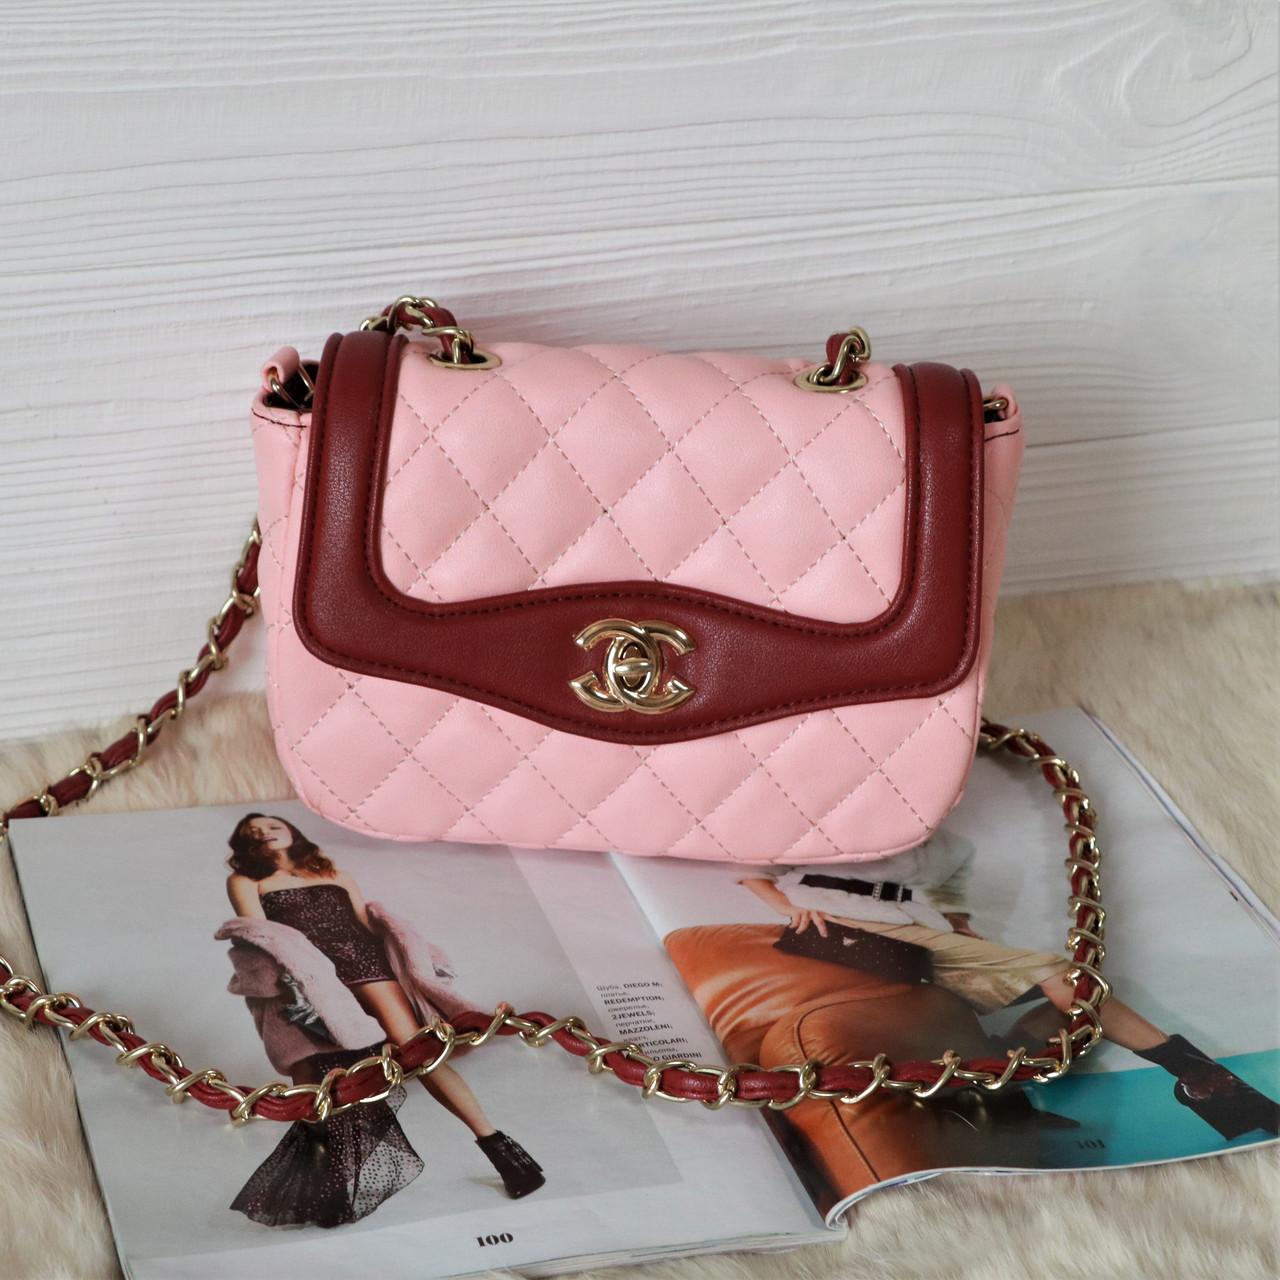 d15435ab2a6f Стильная женская сумка через плечо - BORSA STORE   Интернет магазин сумок и  аксессуаров в Обухове